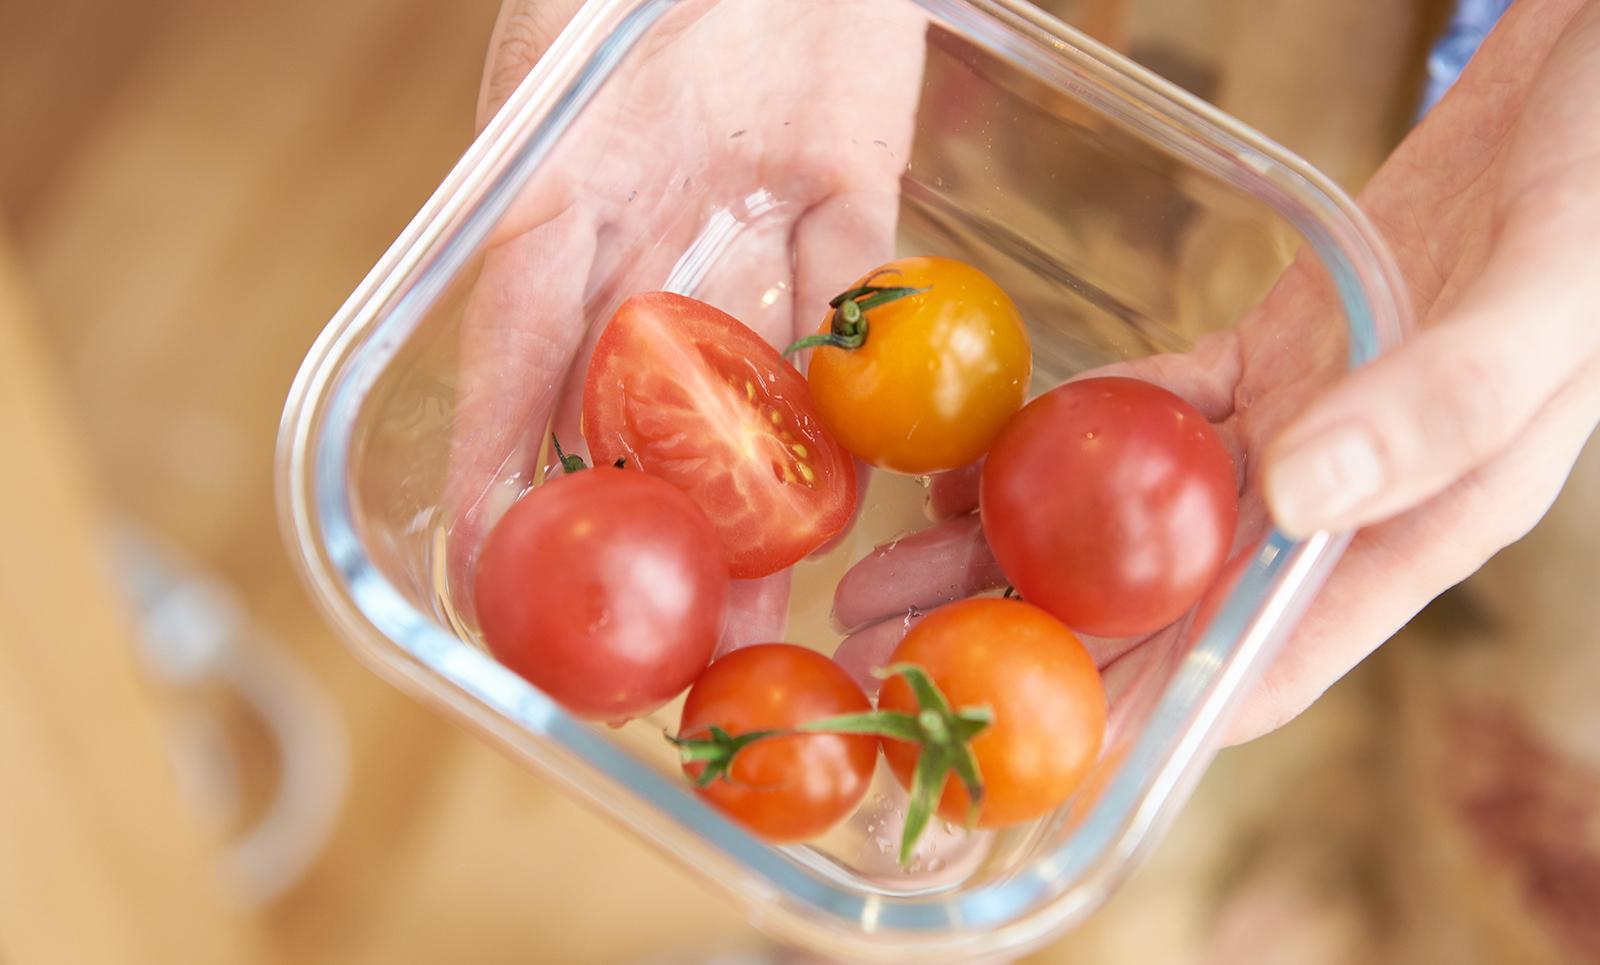 カゴメ×KEYUCA×Hama House トマトの収穫祭「ケチャップで隈取にチャレンジ!」レポート